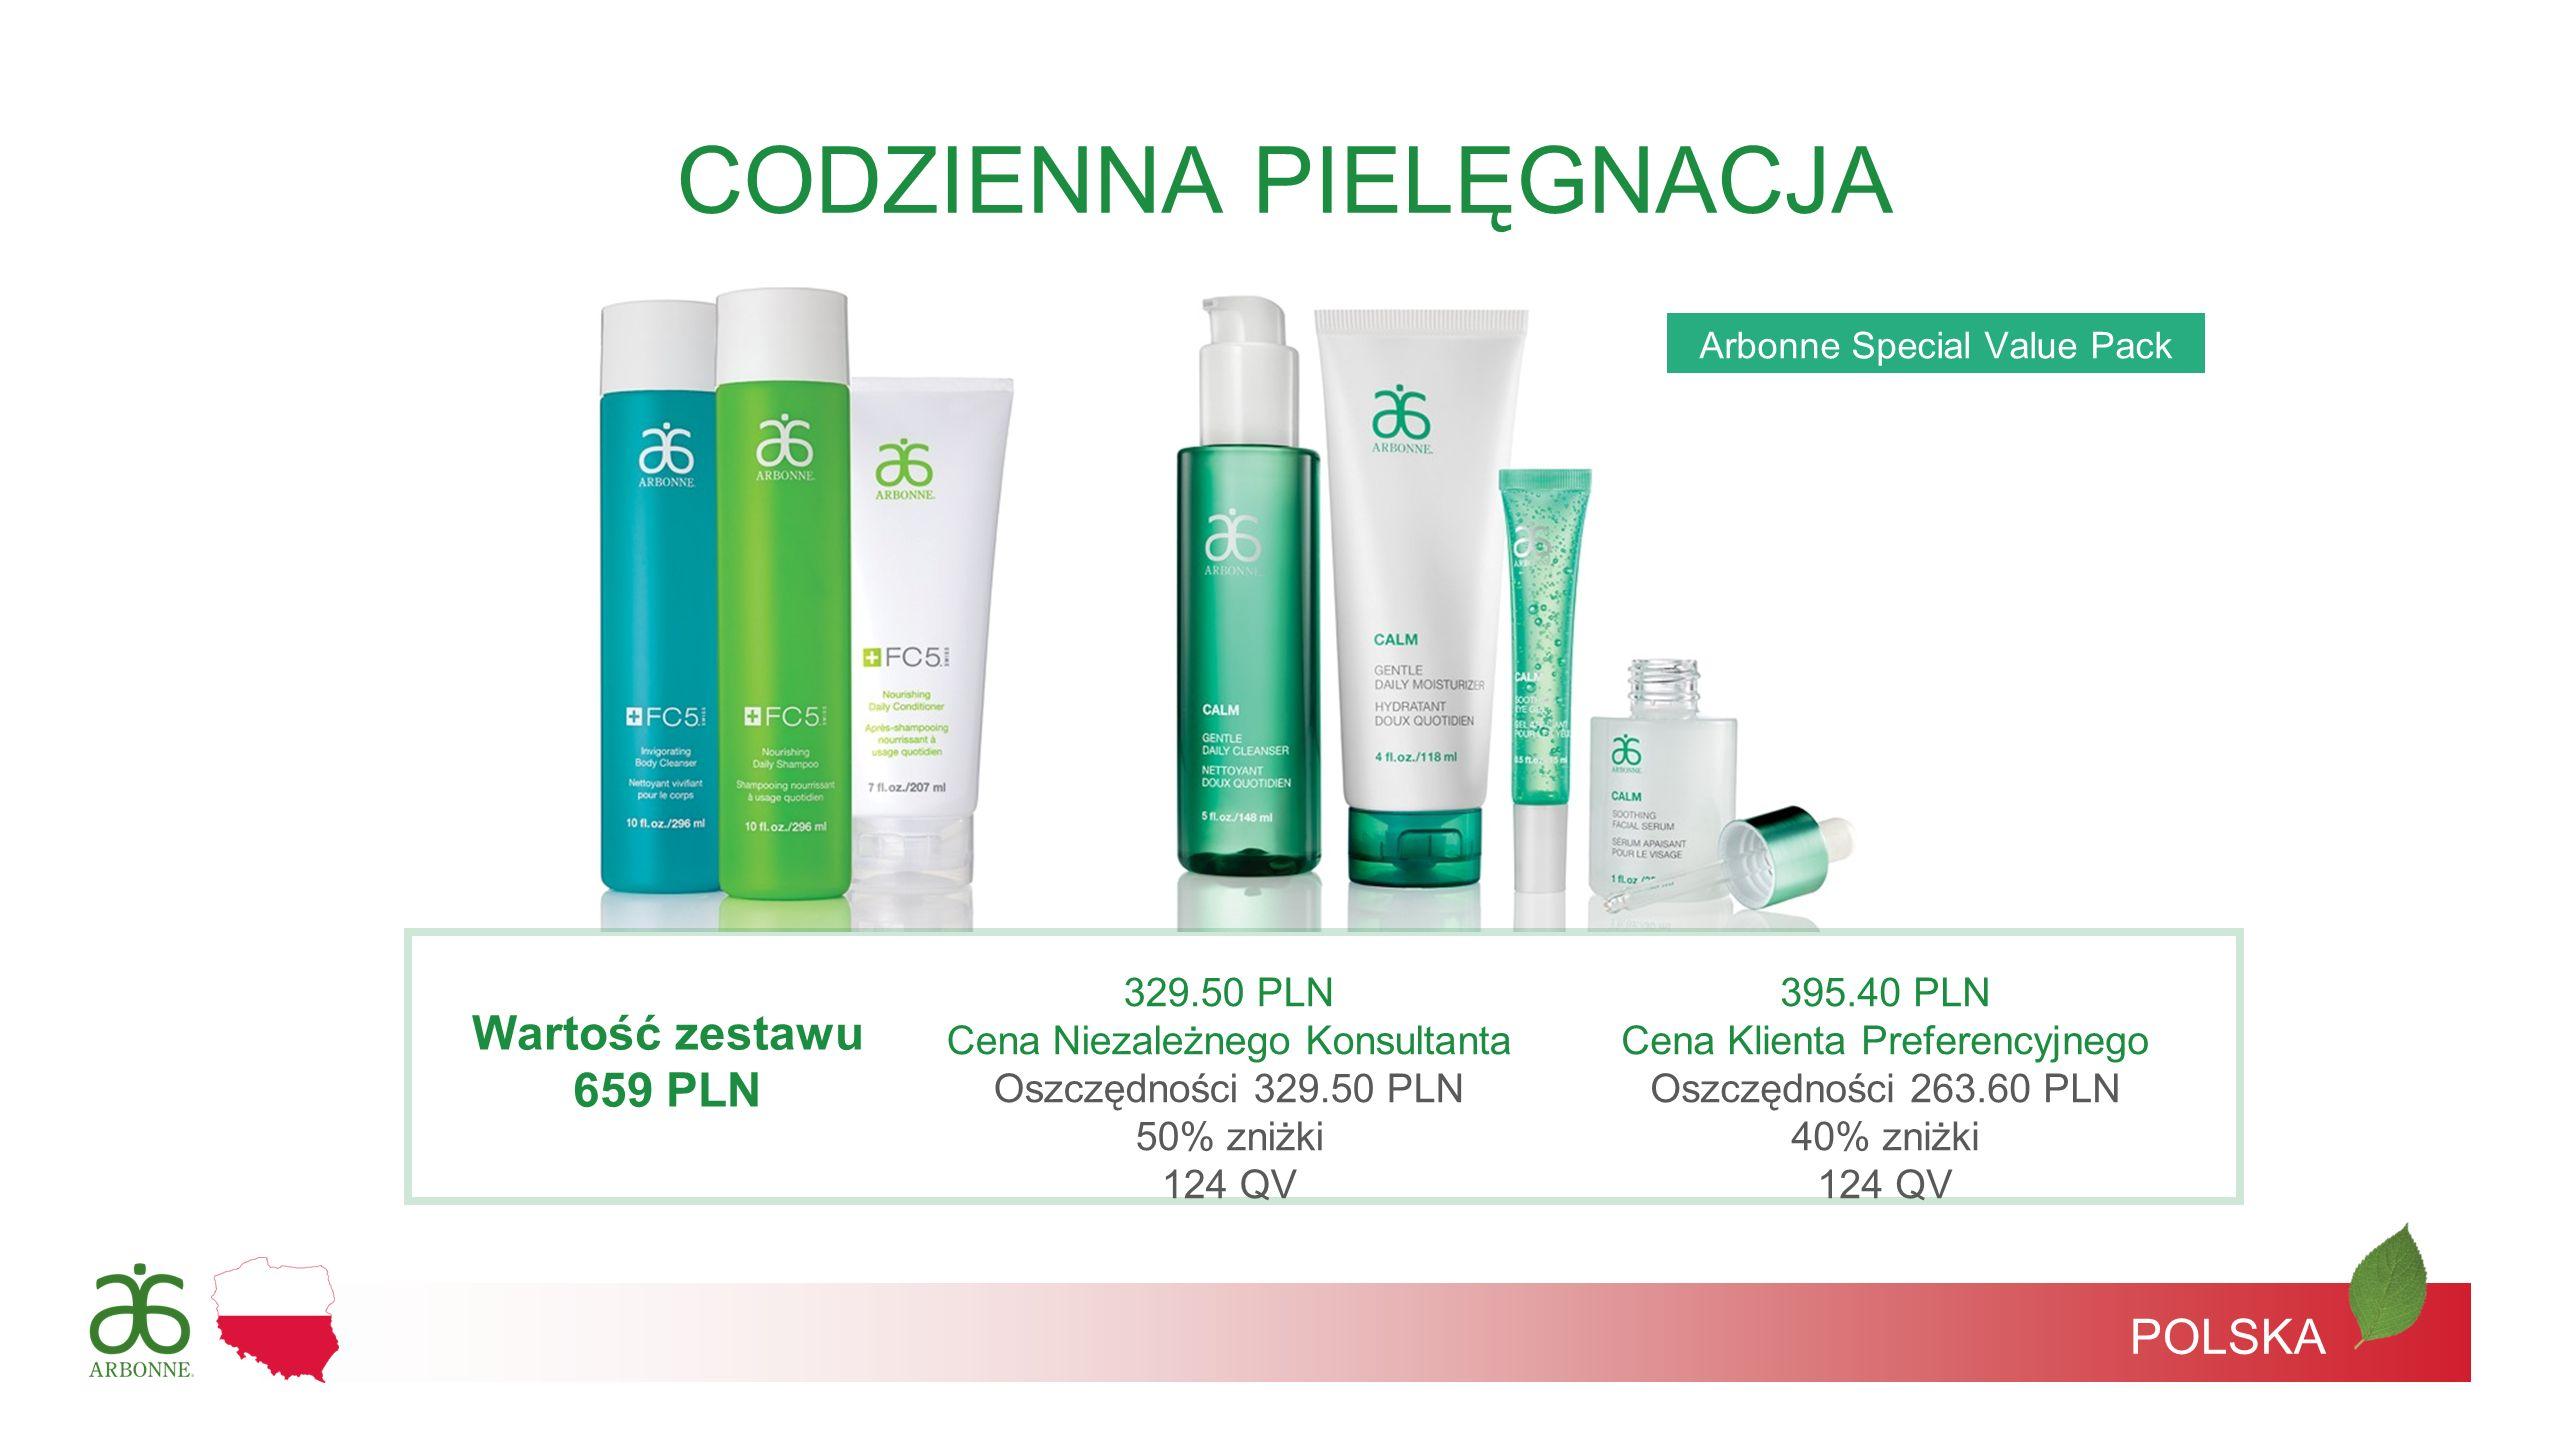 Arbonne Special Value Pack POLSKA CODZIENNA PIELĘGNACJA Wartość zestawu 659 PLN 329.50 PLN Cena Niezależnego Konsultanta Oszczędności 329.50 PLN 50% z